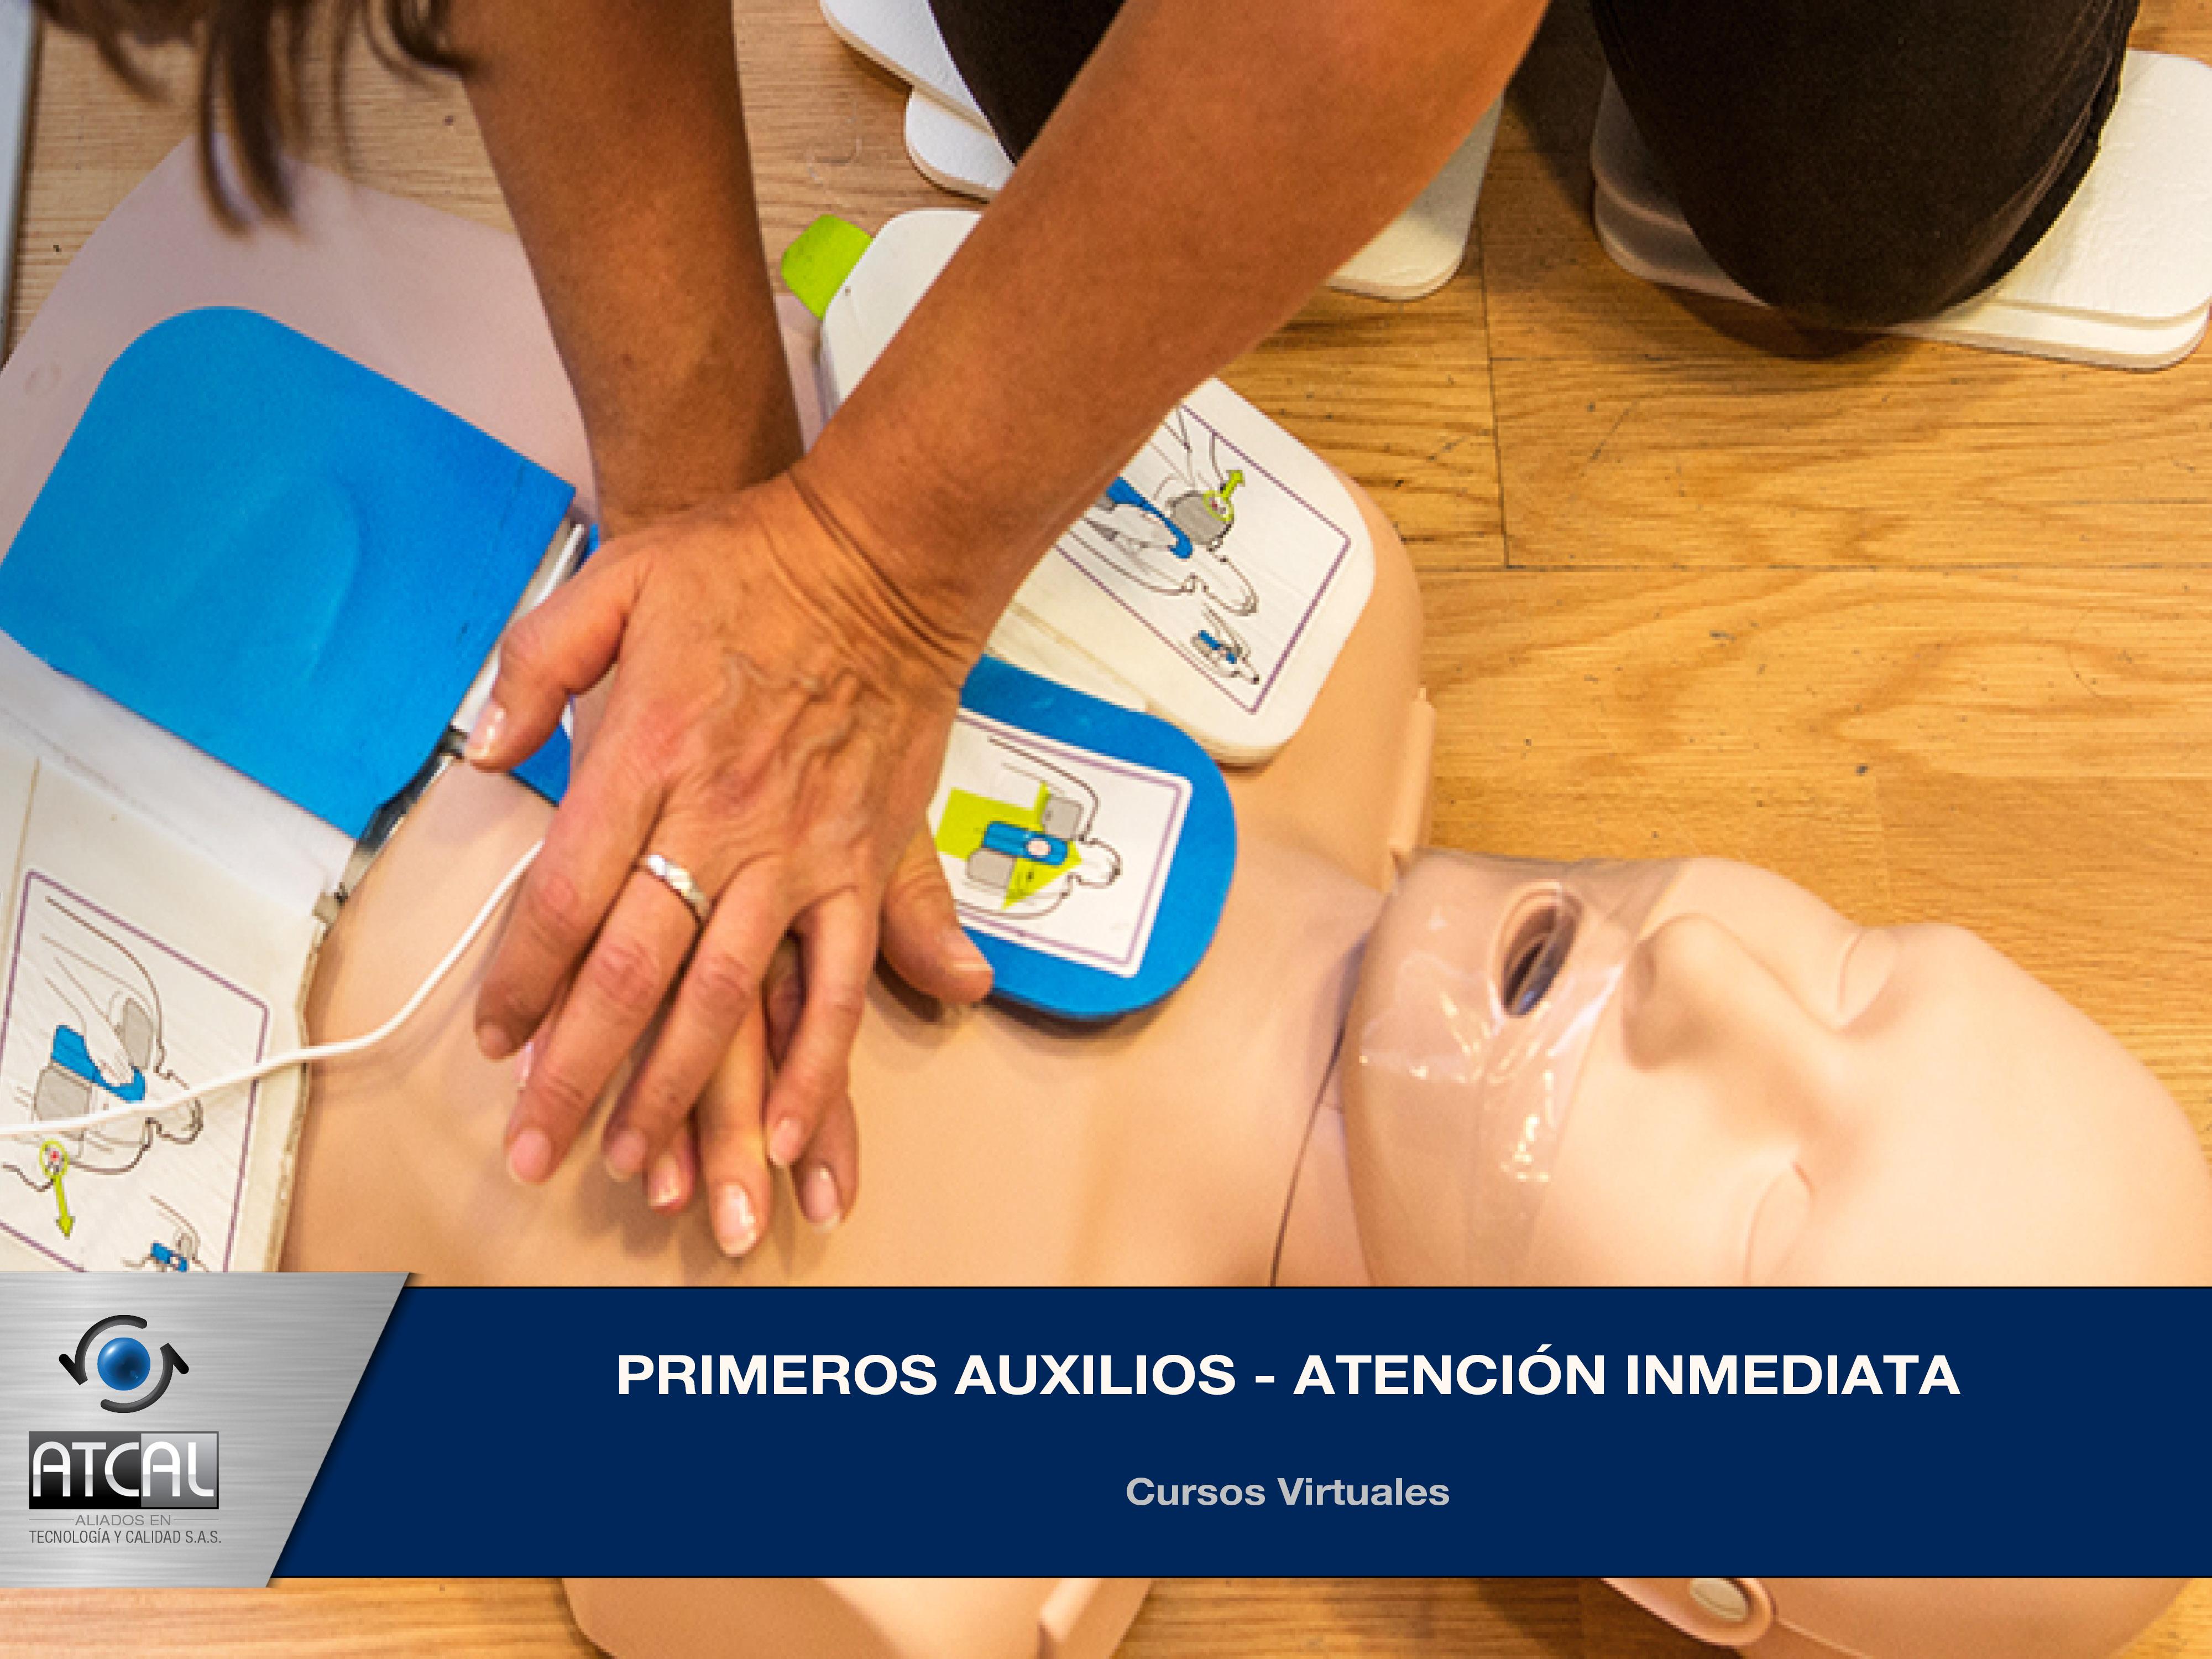 Primeros Auxilios - Atención Inmediata